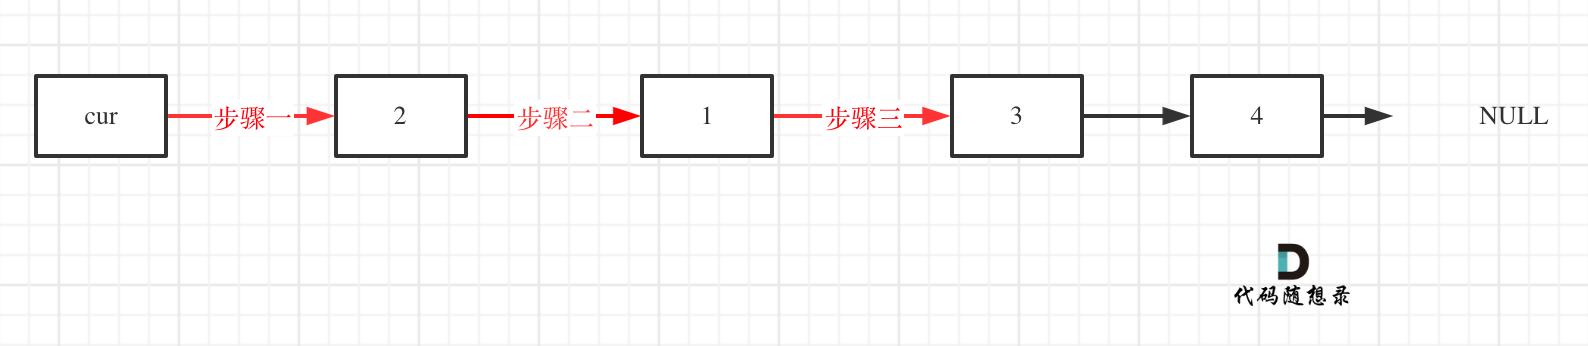 24.两两交换链表中的节点3